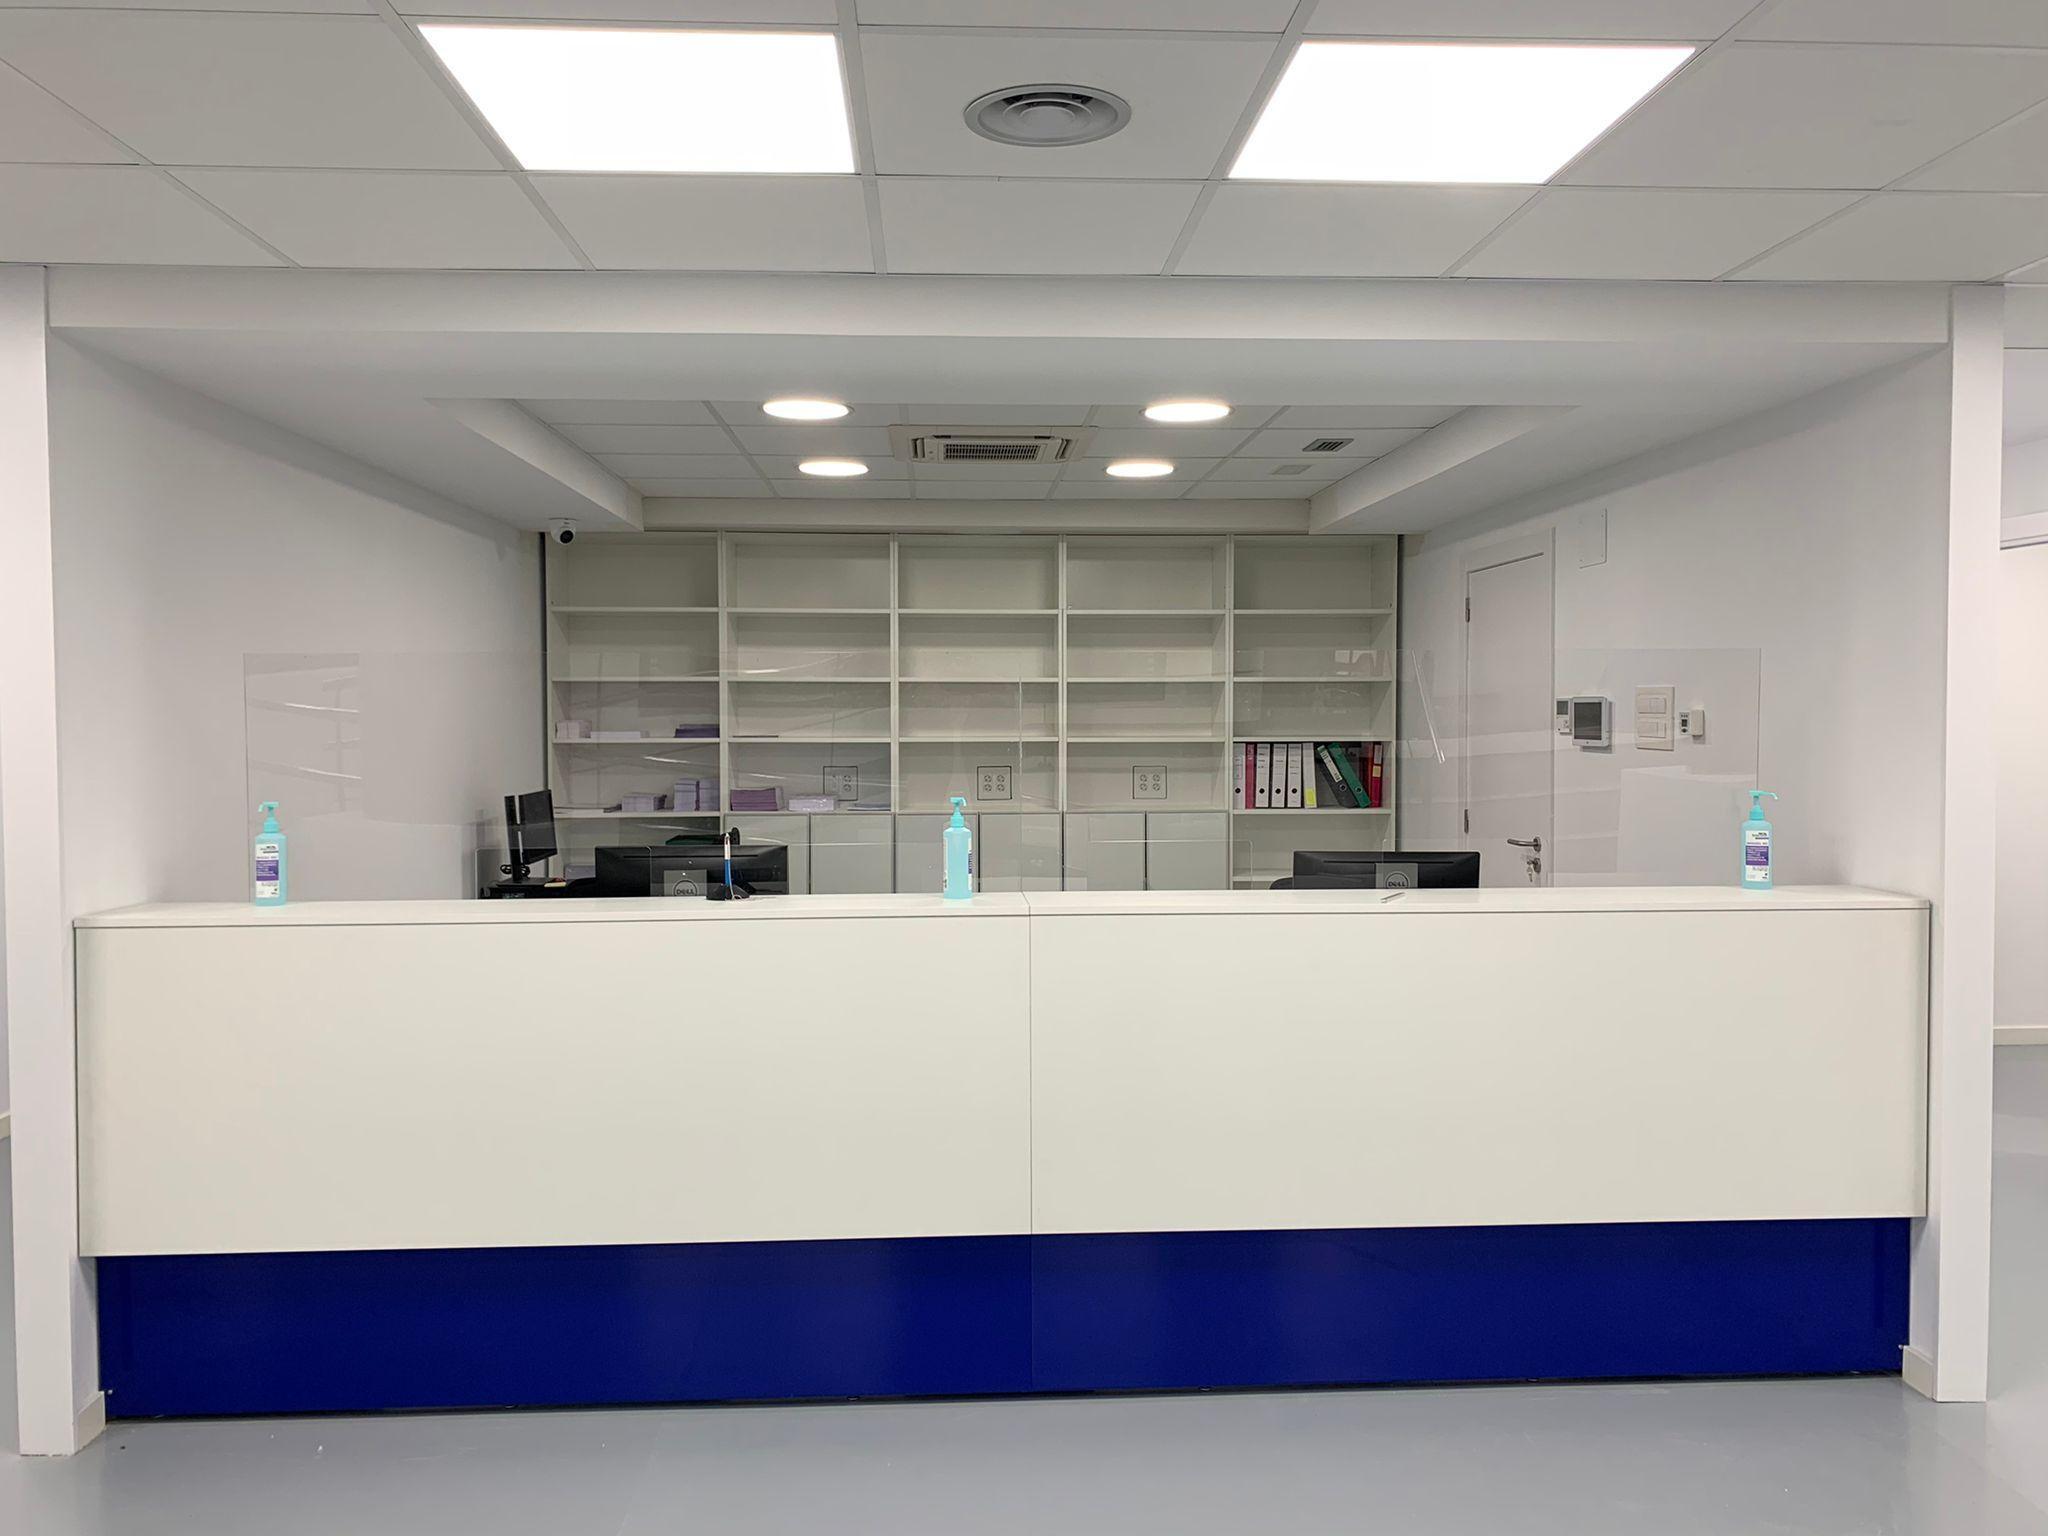 Centro médico Sant Joan Despí recepción muebles CAD CAM